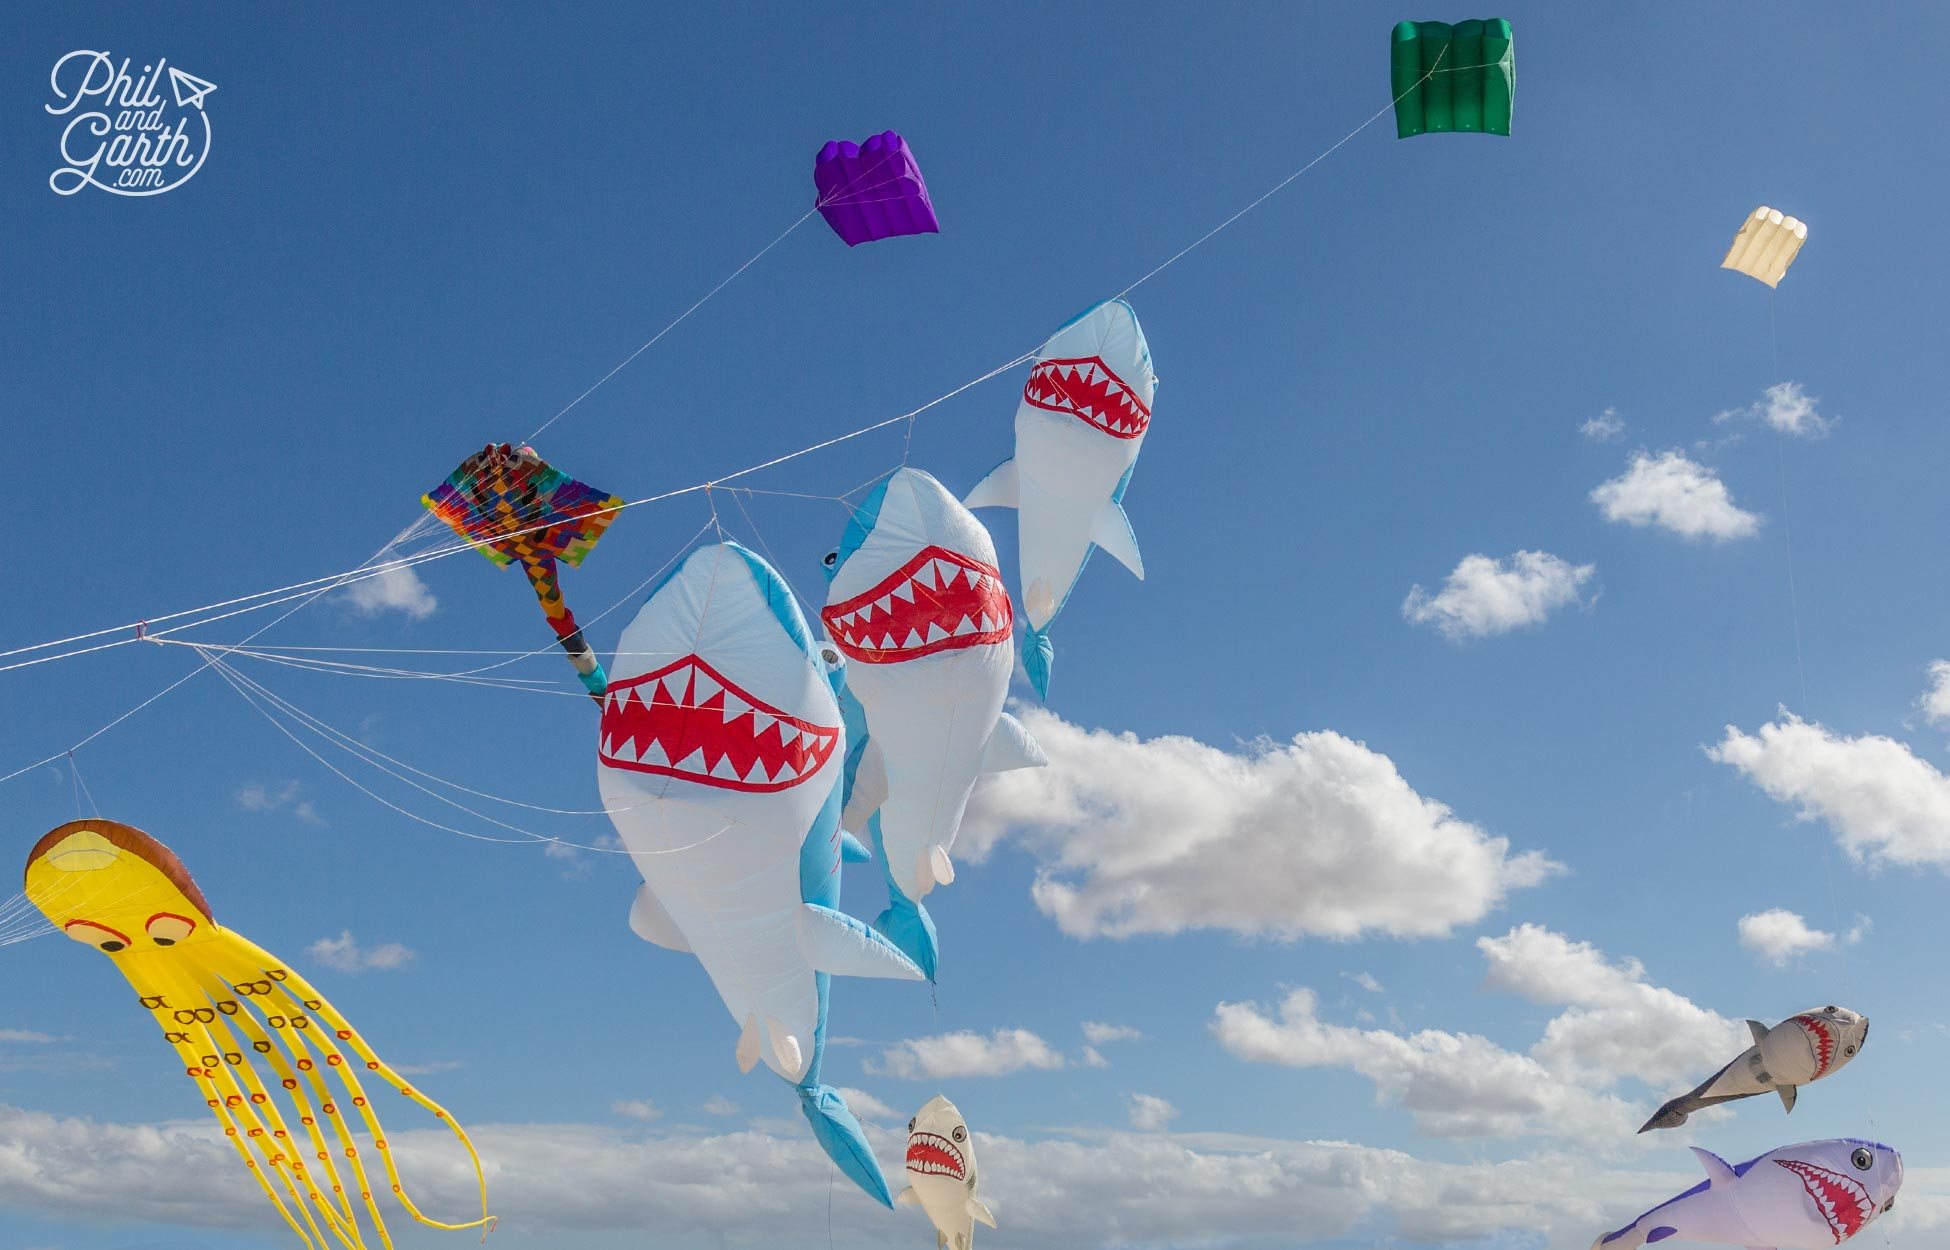 Fantastic kite displays at Playa Chica